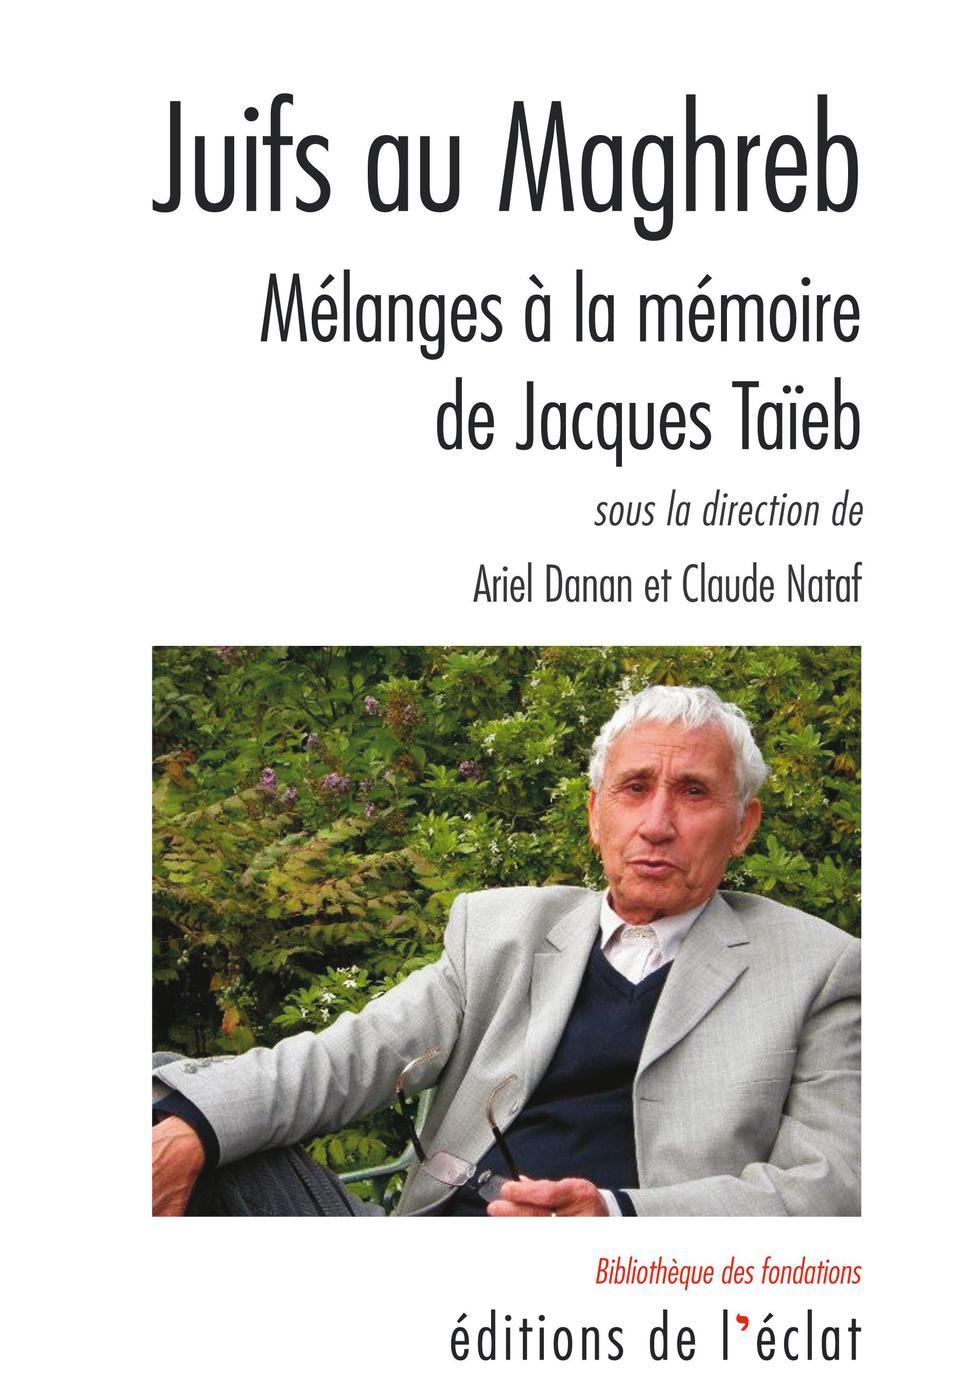 Juifs au Maghreb, Mélanges à la mémoire de Jacques Taïeb